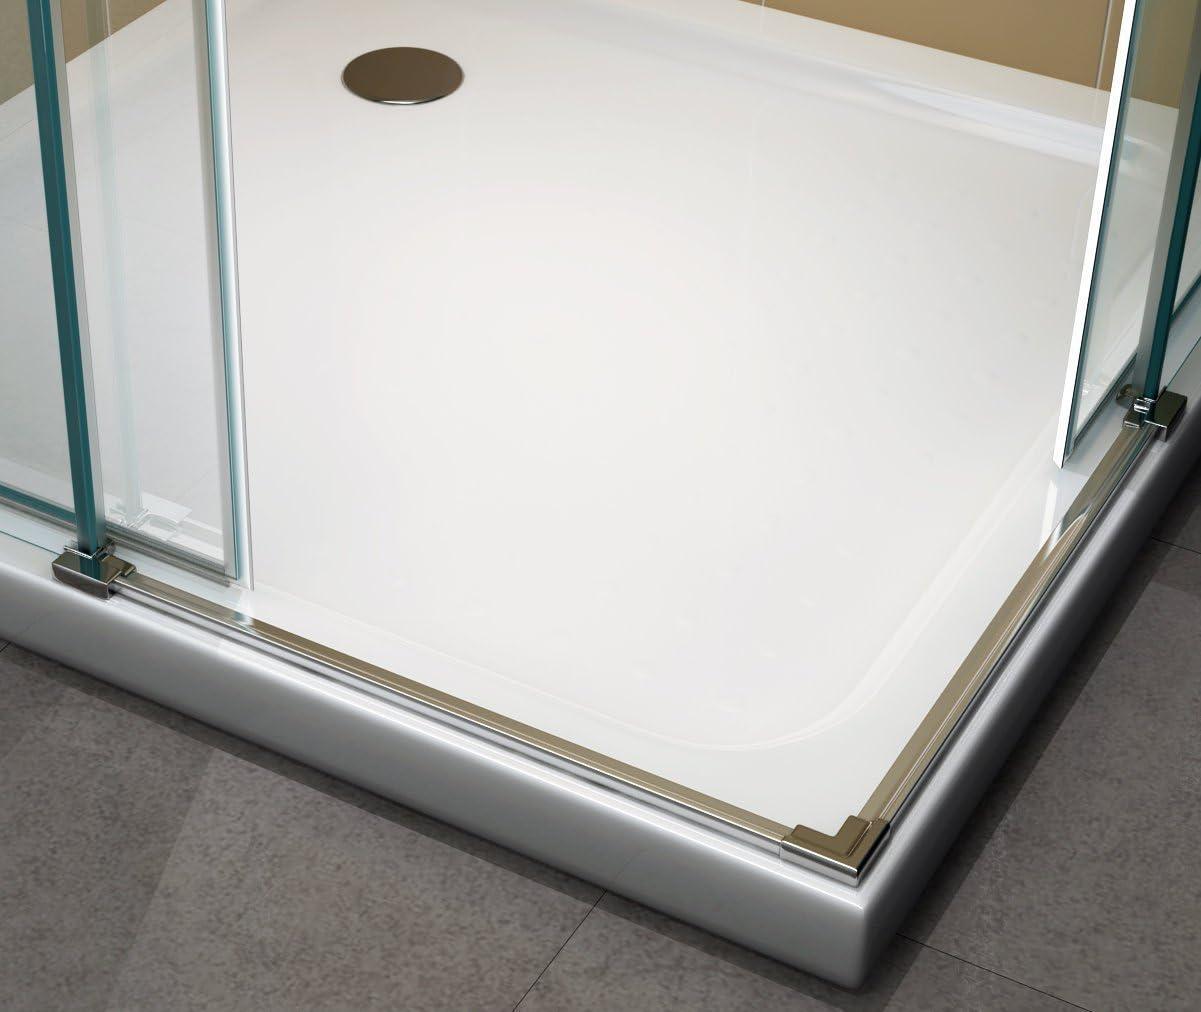 ESG 200 cm hoch #88 75cm X 90cm ohne Wanne i-flair Schiebetuer Eckdusche Duschkabine Eckeinstieg mit Rollsystem aus Sicherheitsglas